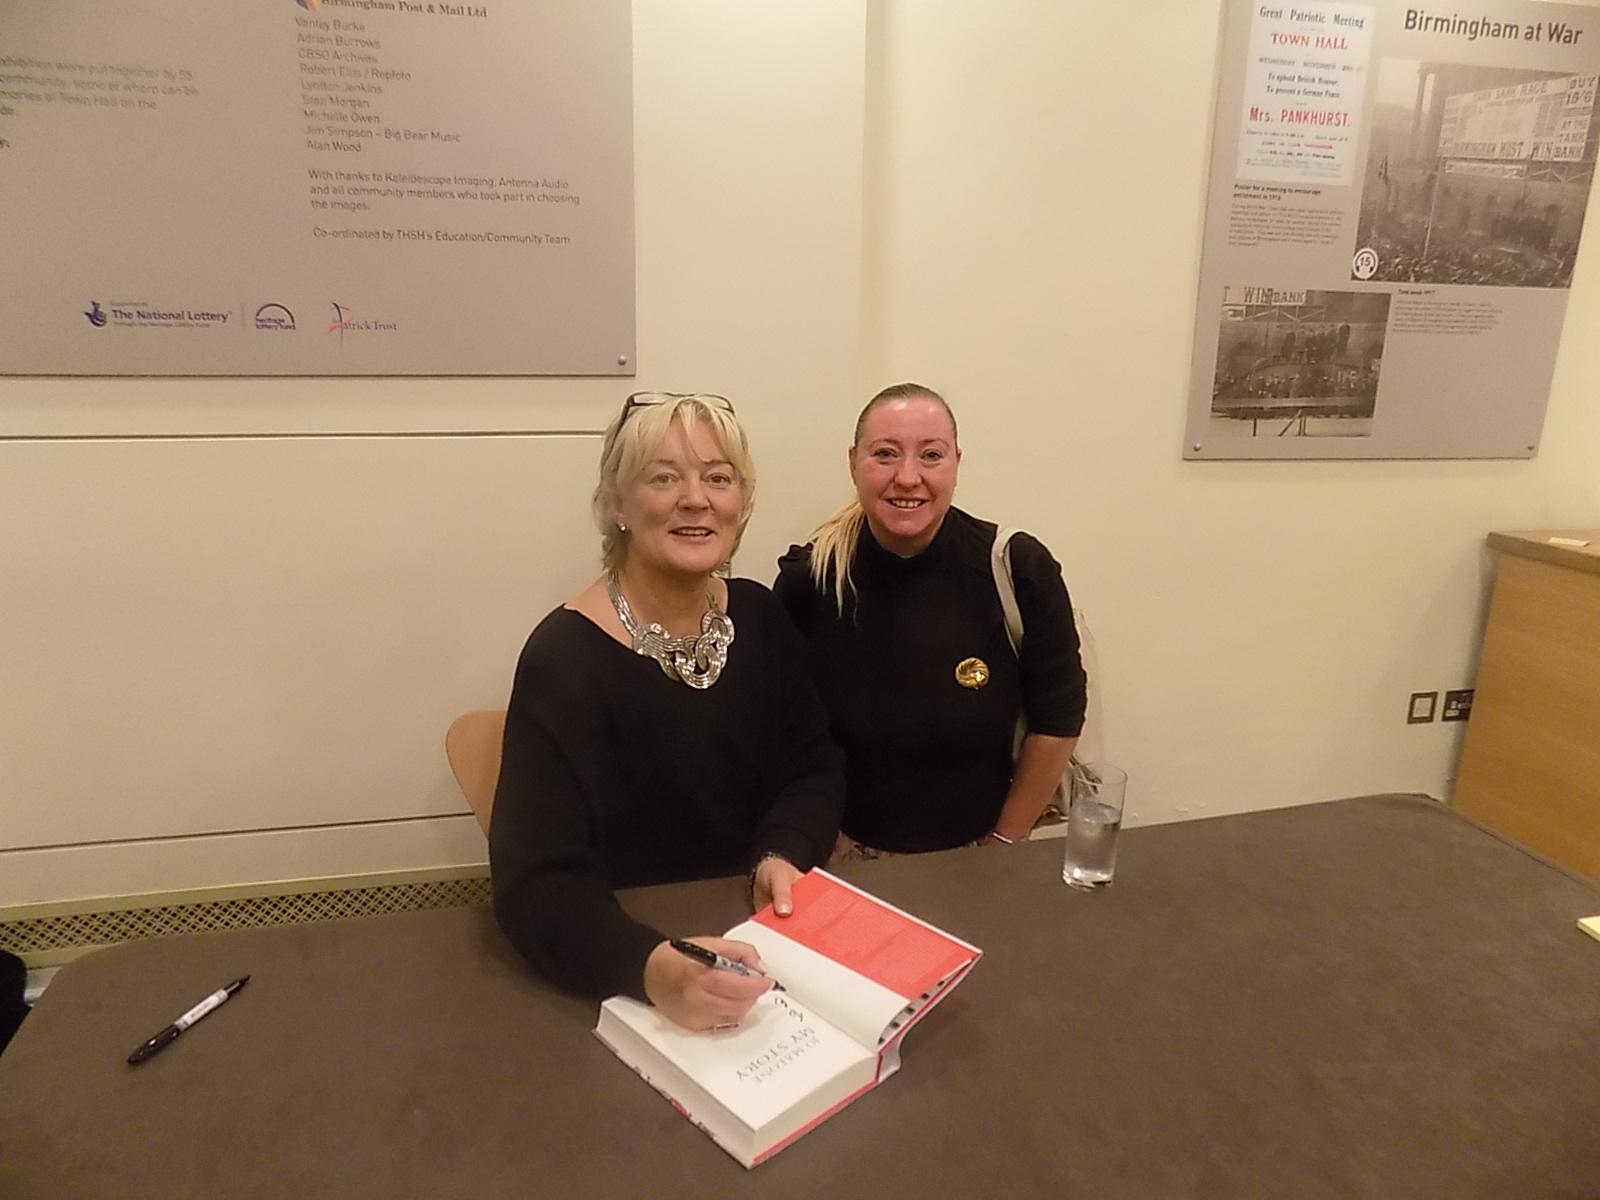 Meeting one of my heroines.